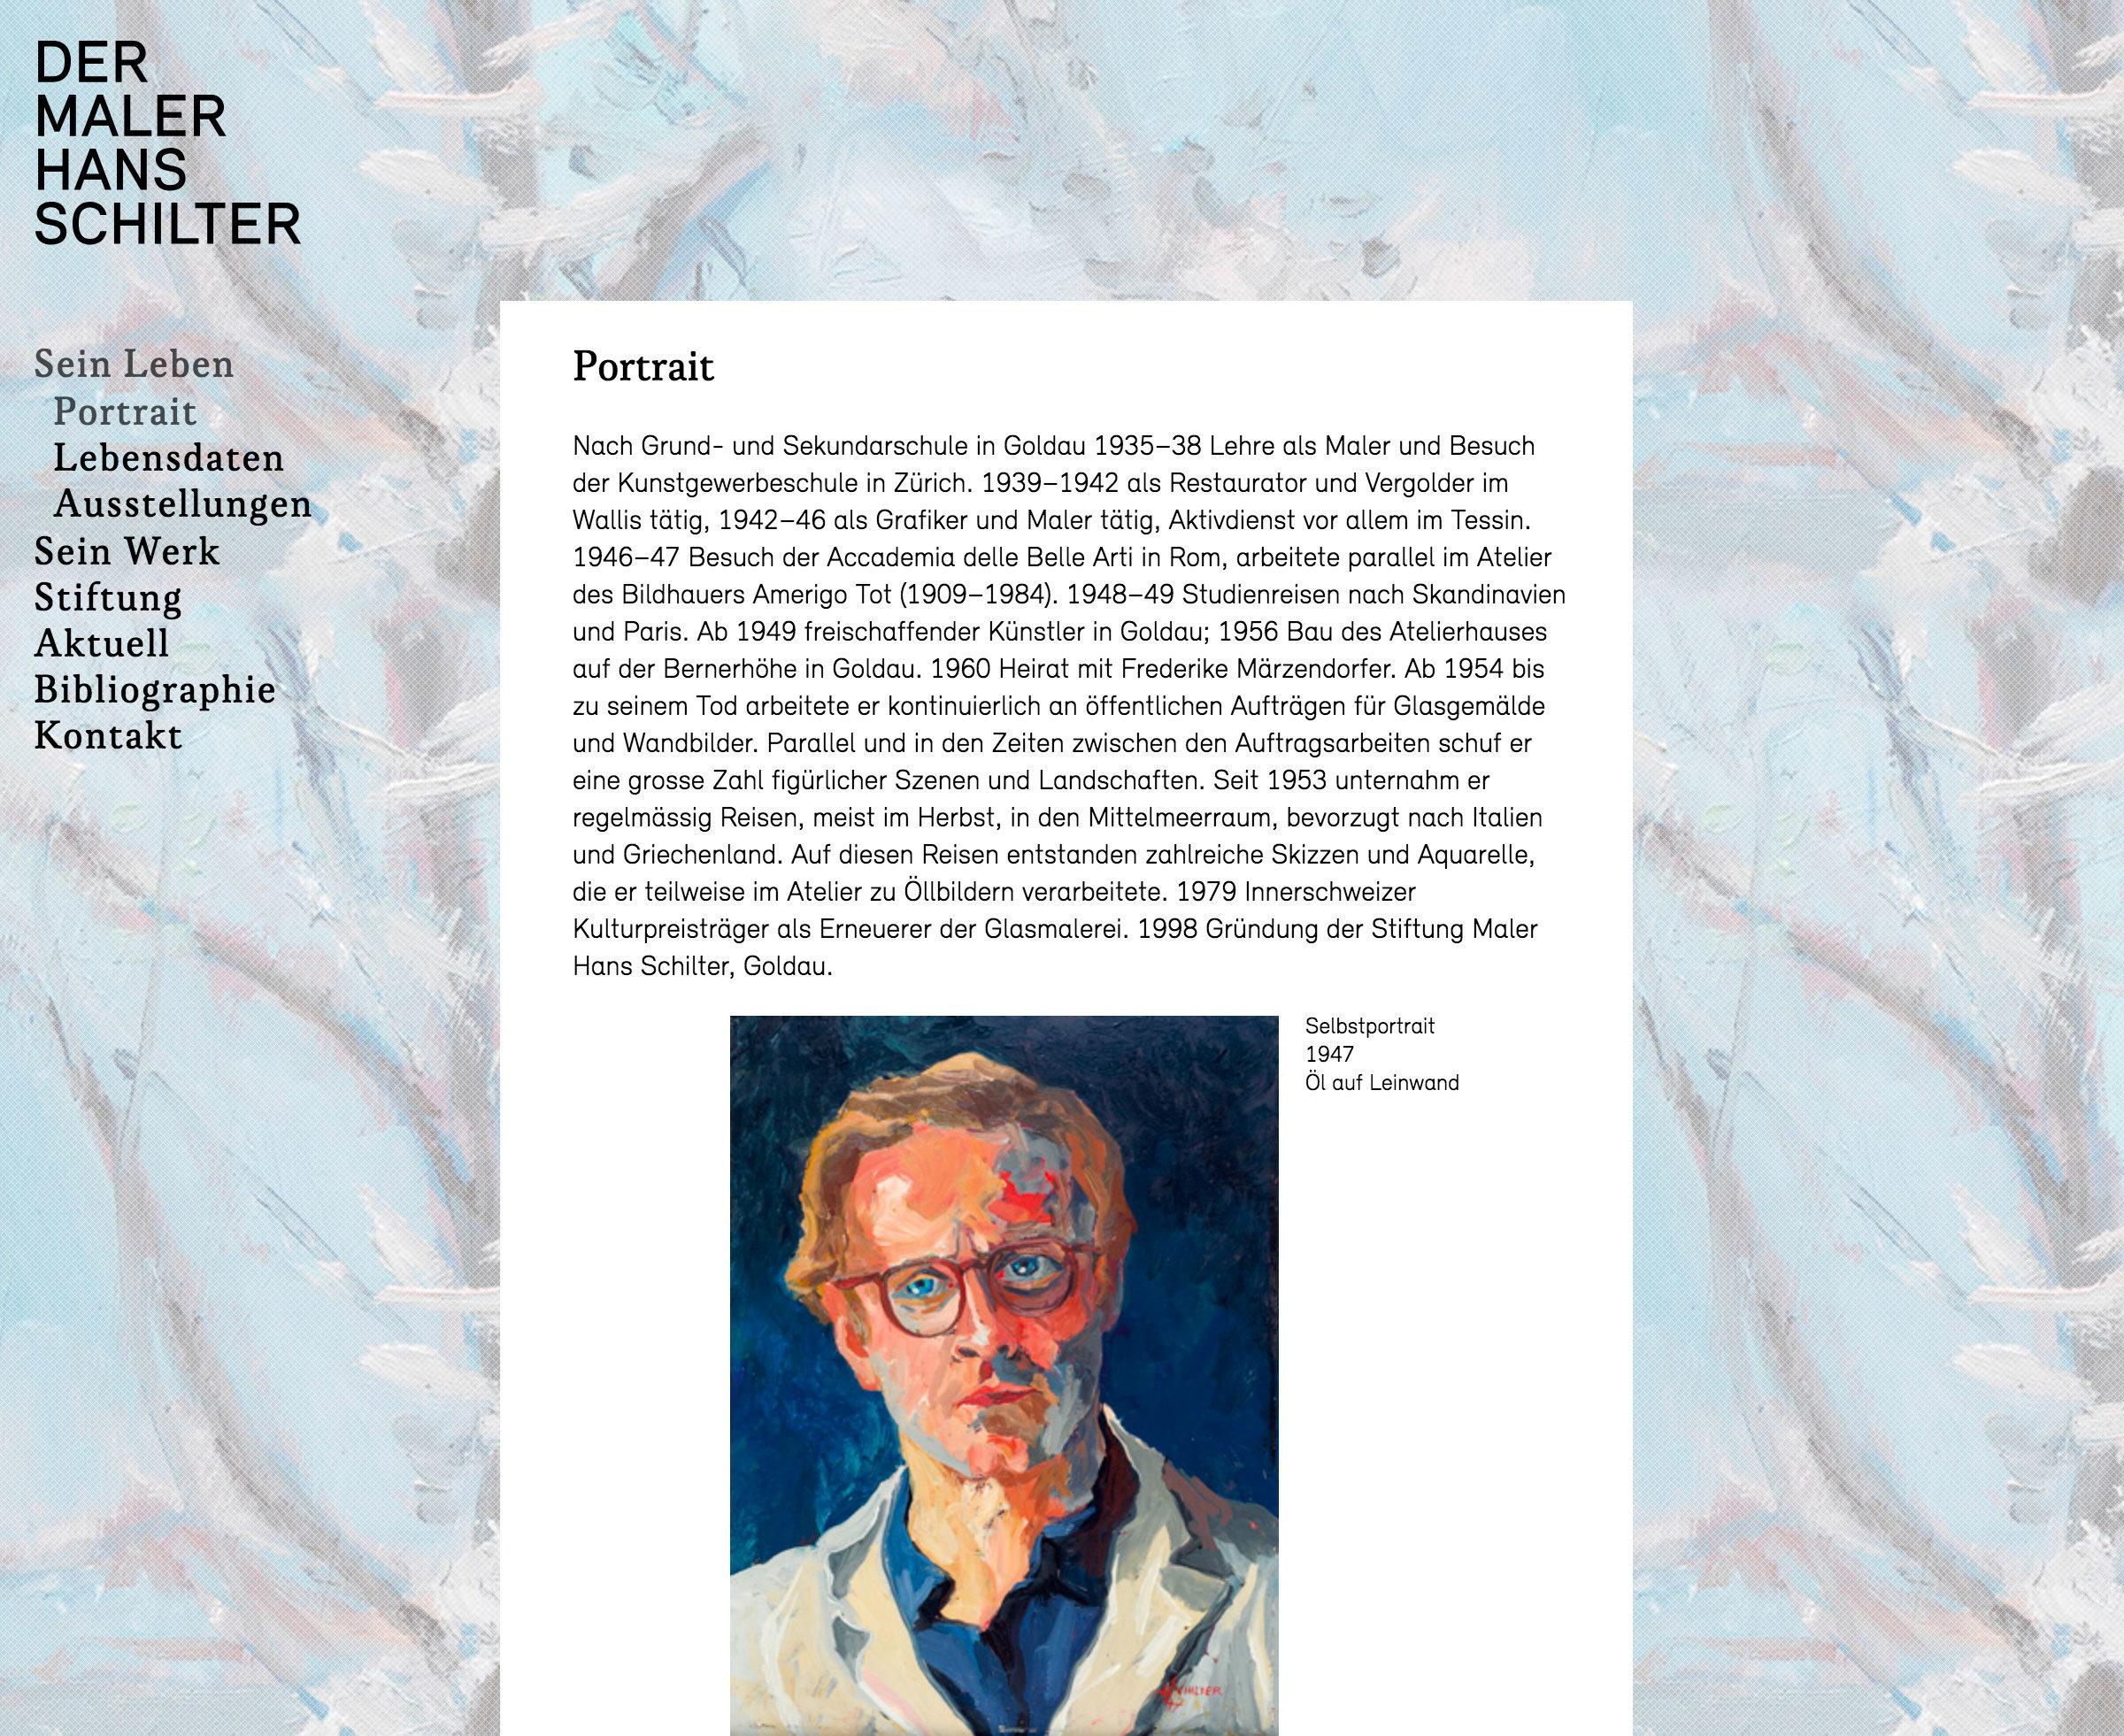 Der Maler Hans Schilter